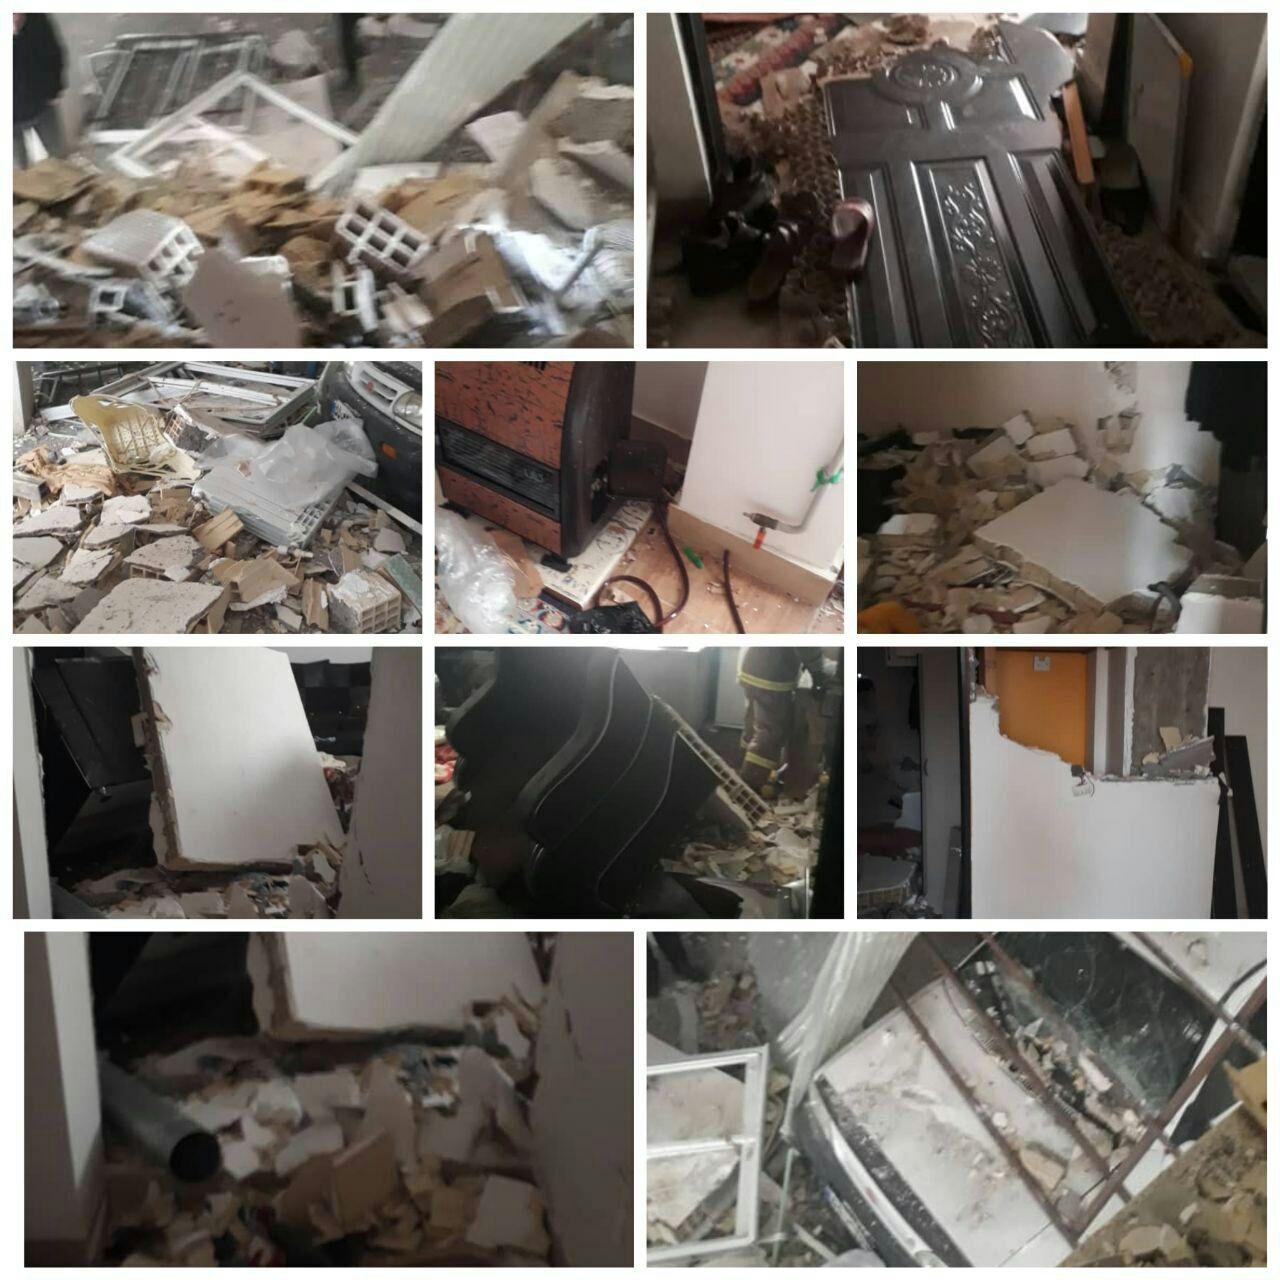 گاز شهری موجب انفجاریک واحد آپارتمان در صومعه سرا شد.